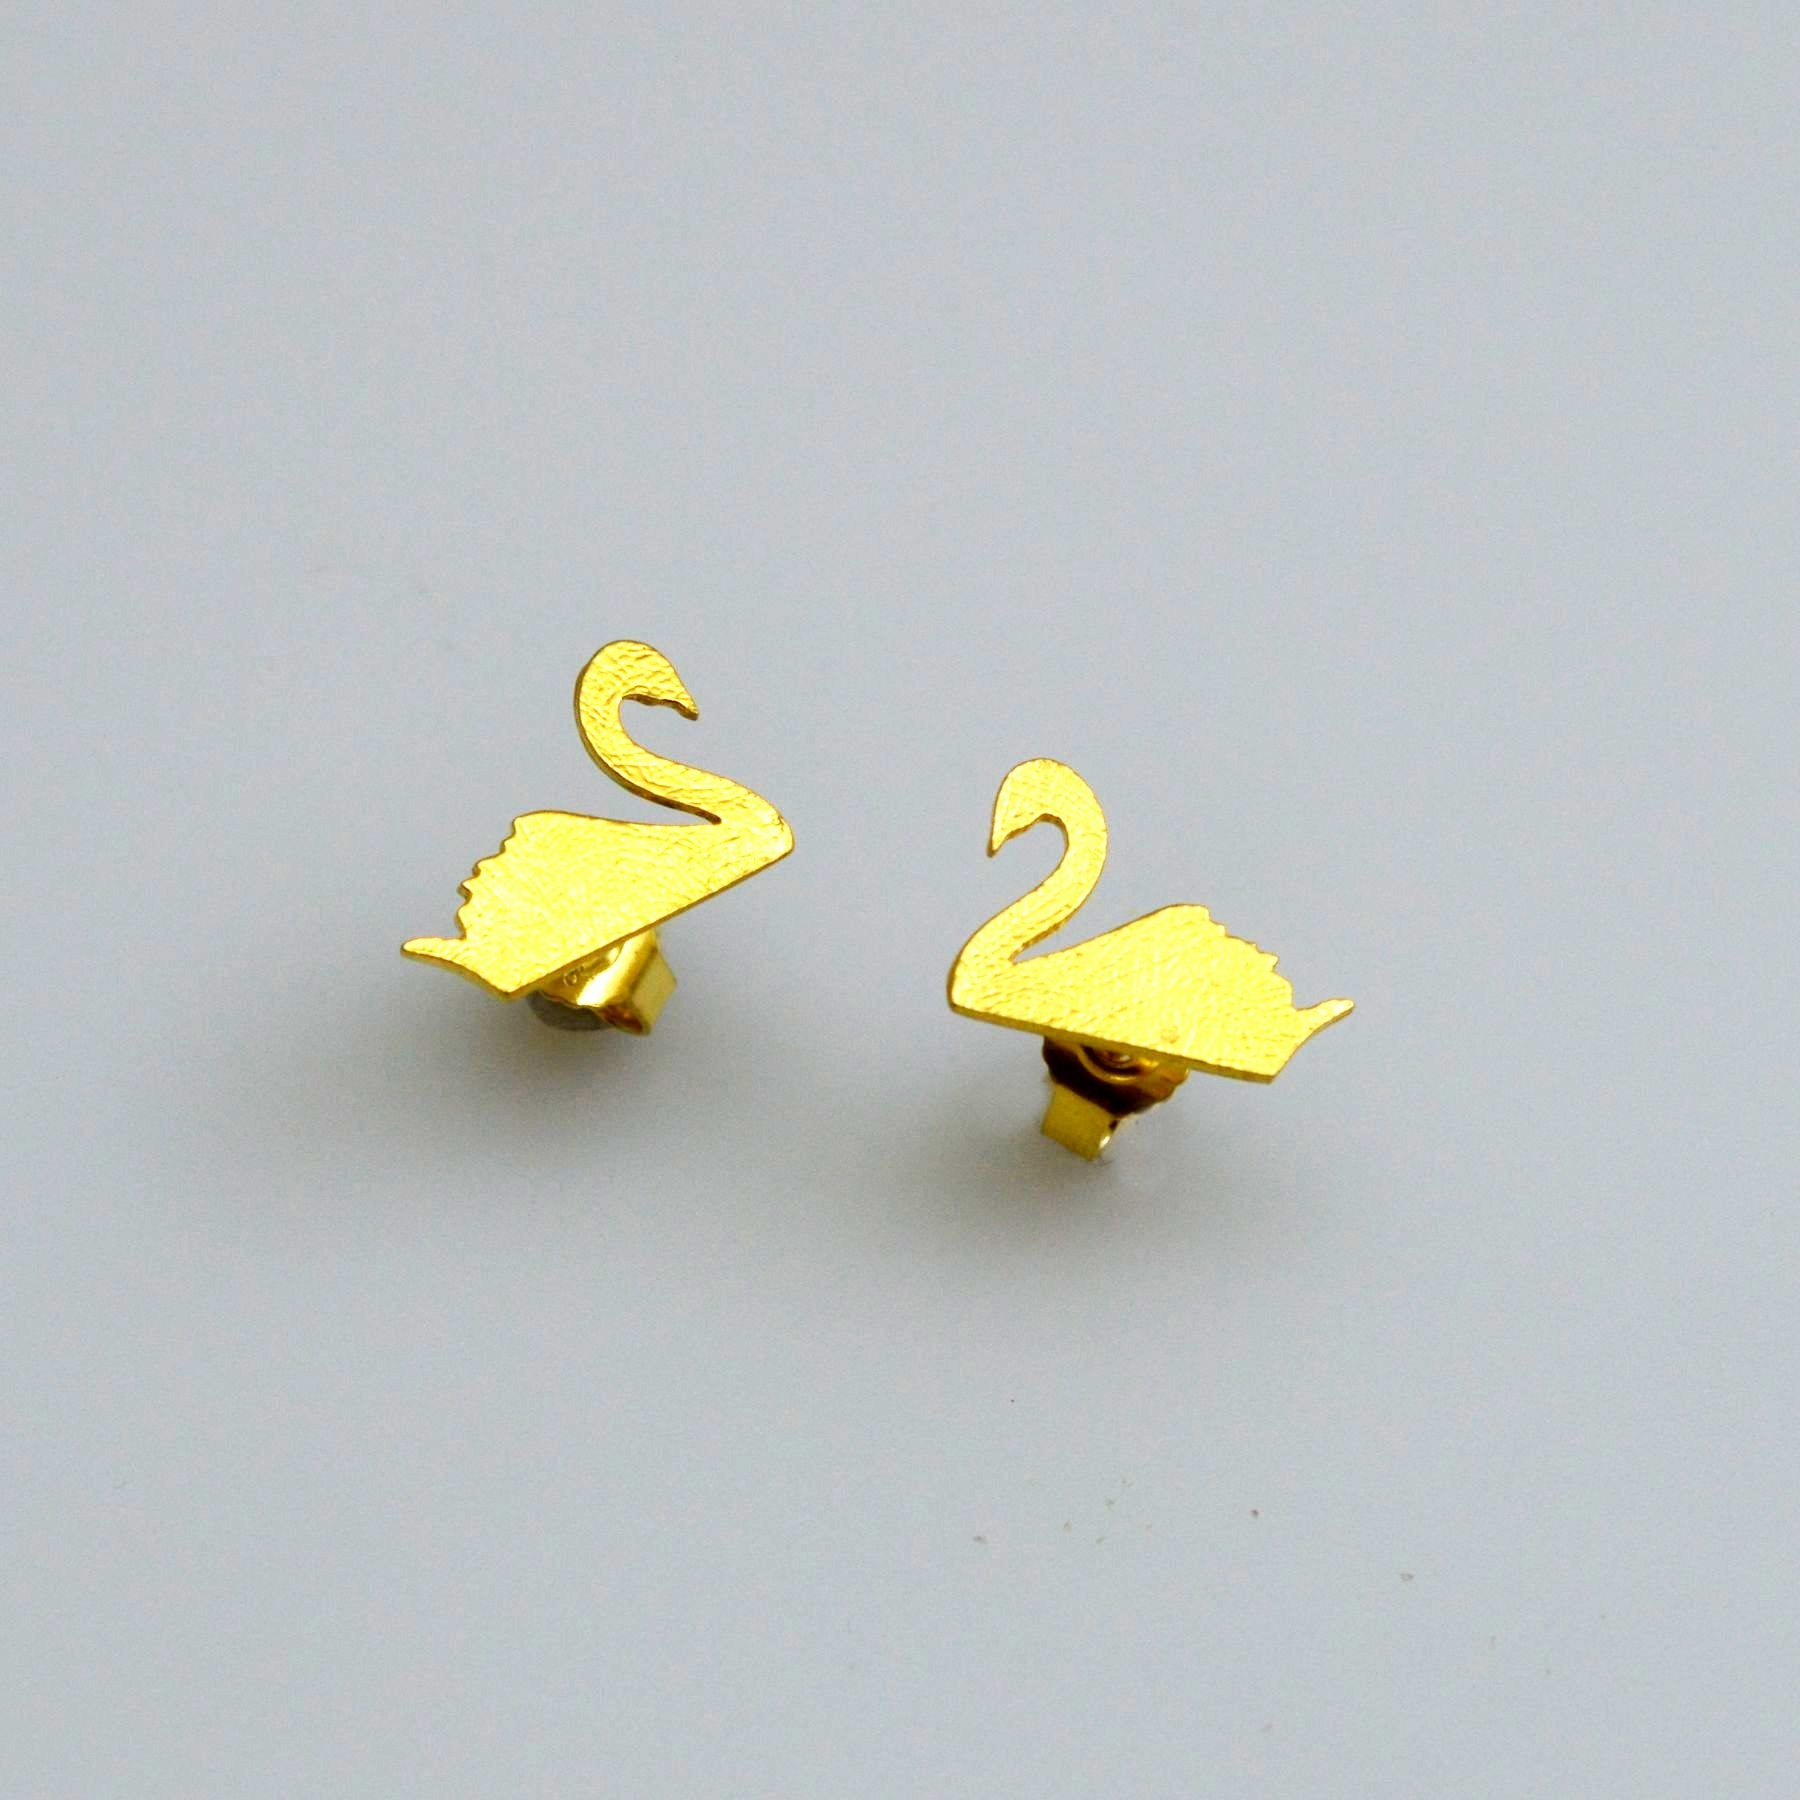 Gold earrings 14K or 18K